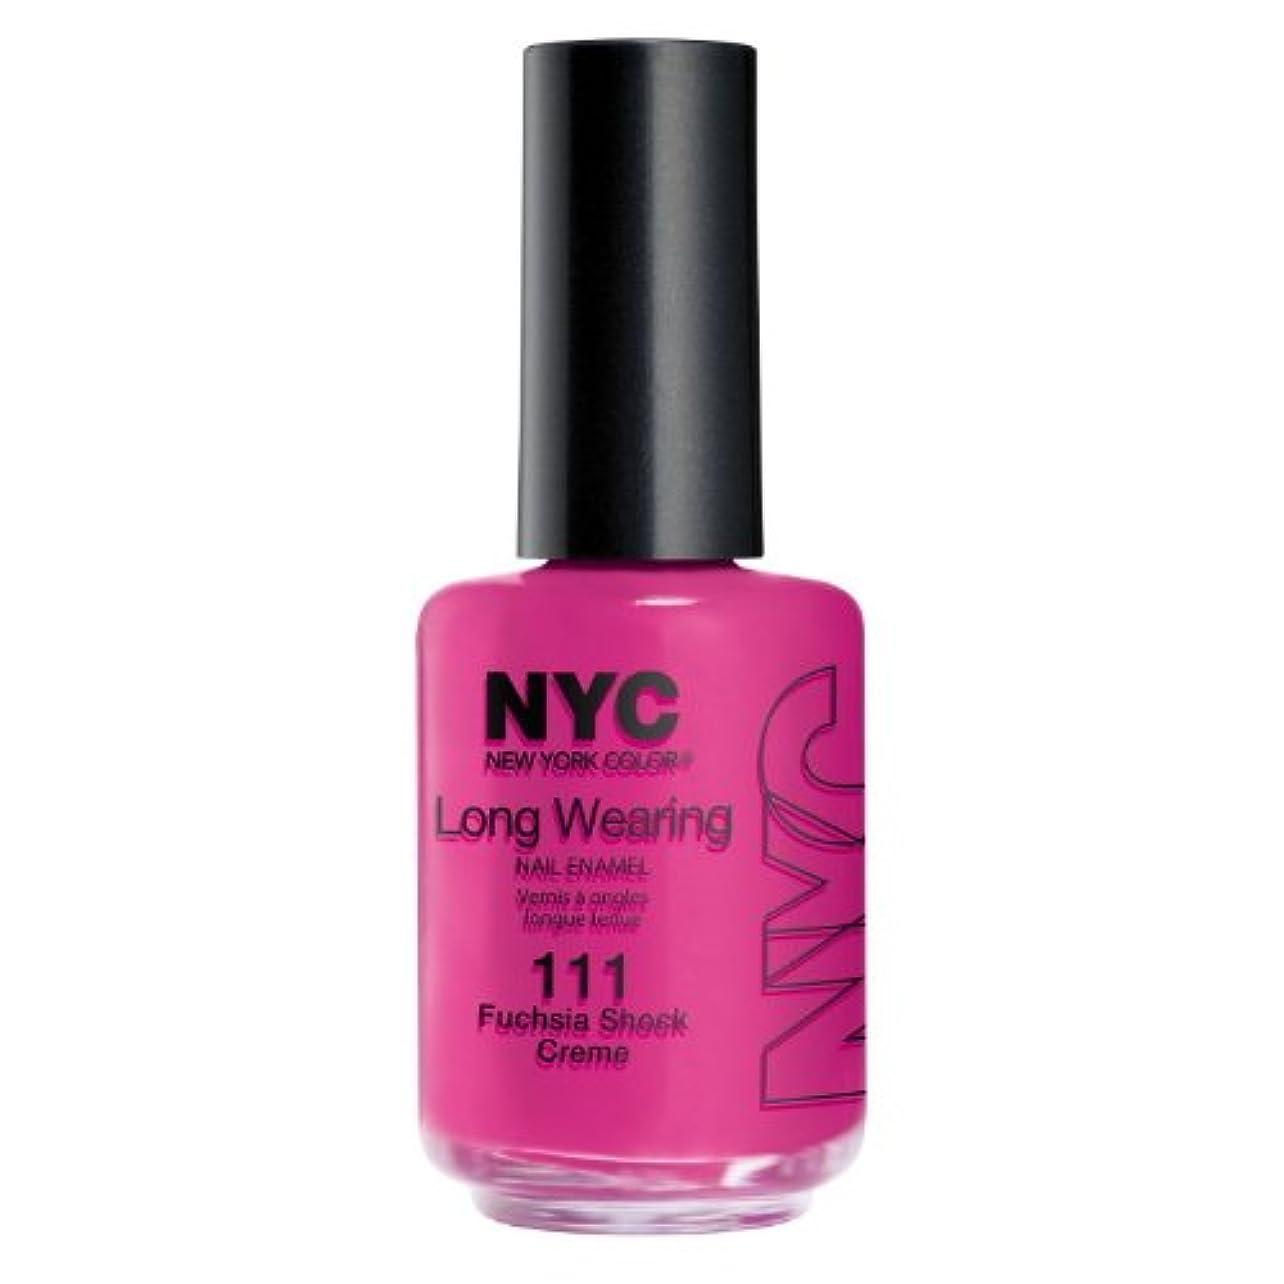 物思いにふけるカビミル(6 Pack) NYC Long Wearing Nail Enamel - Fuchisia Shock Creme (並行輸入品)